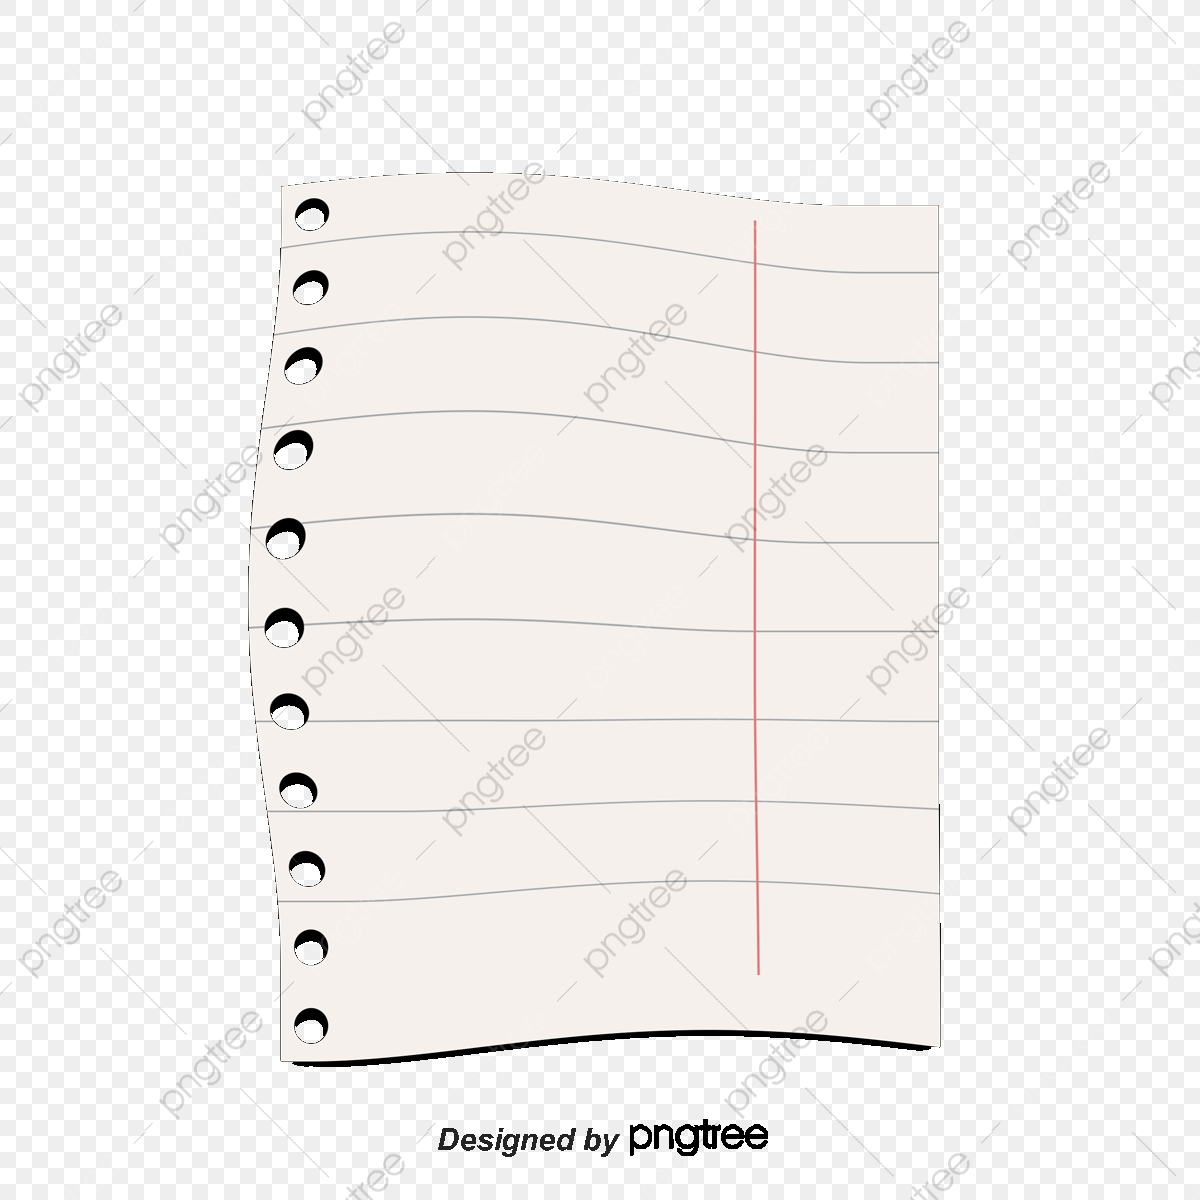 la bobine de mat u00e9riau de bloc notes png dessin de peints  u00e0